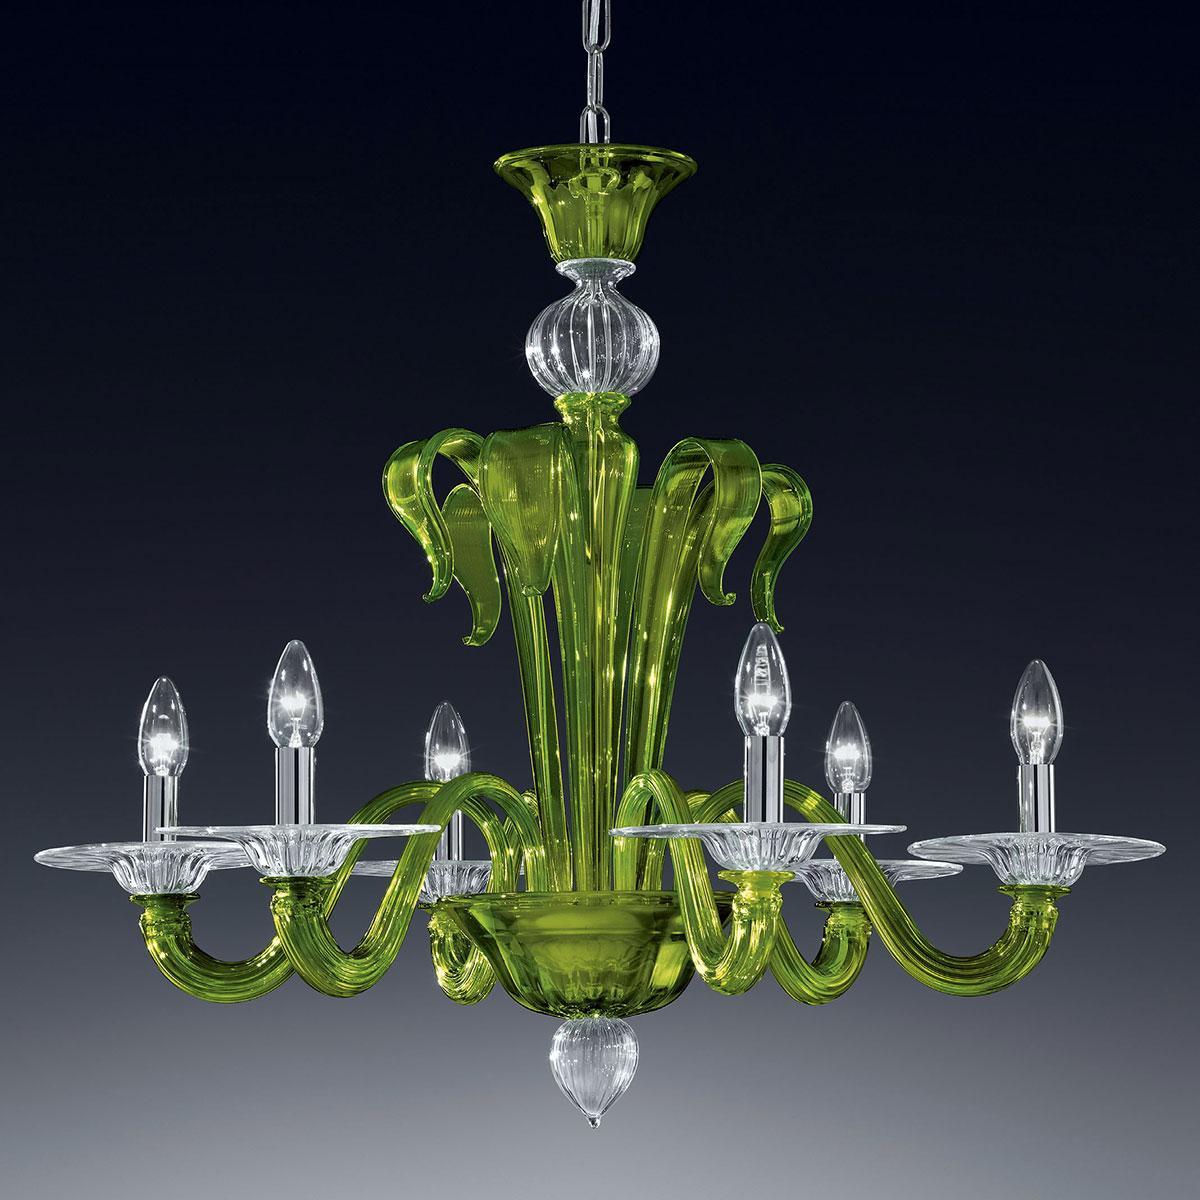 """""""Etere"""" lampara de araña de Murano - 6 luces - verde y transparente"""